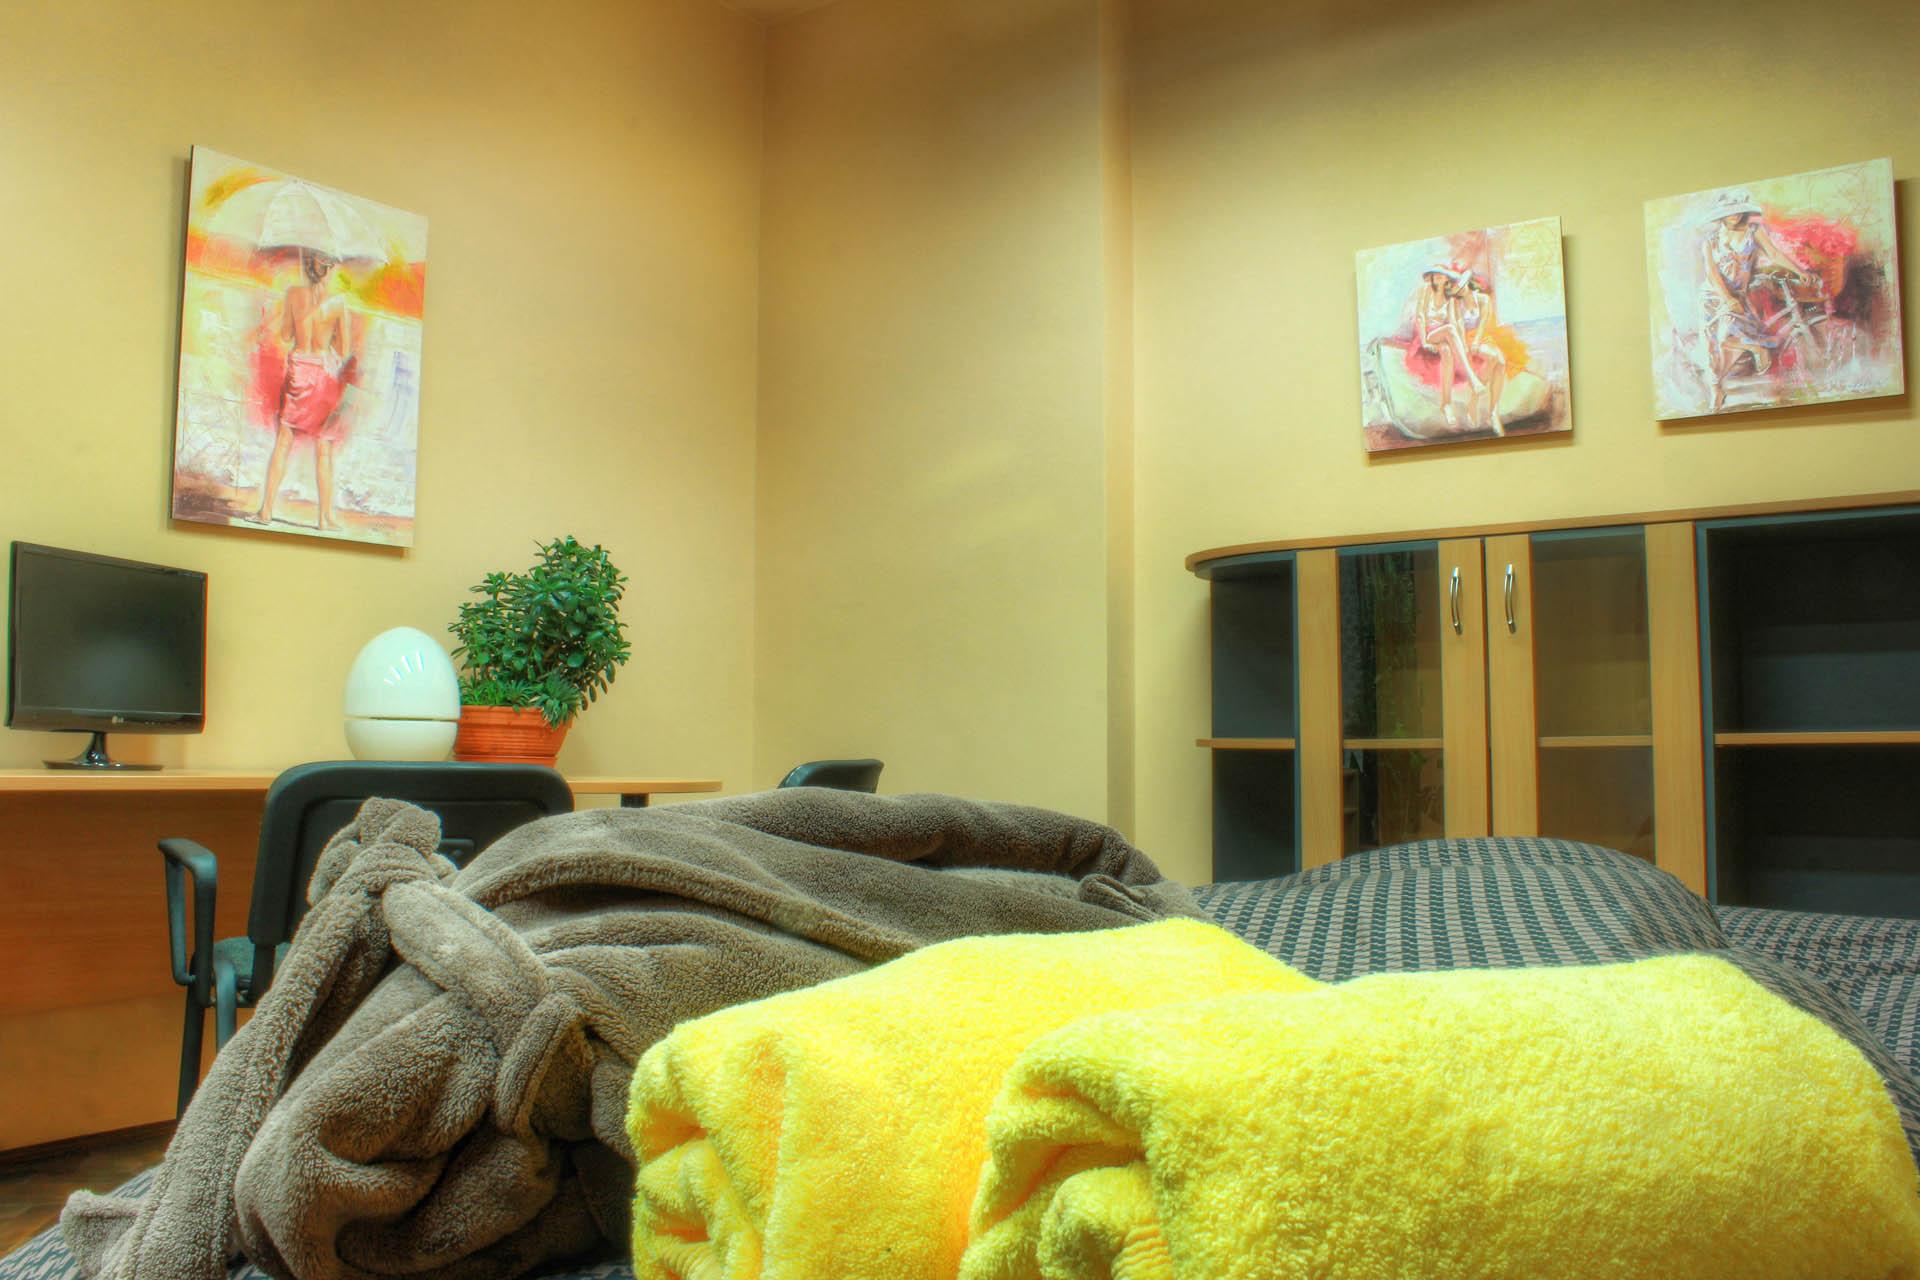 Postel s županem a ručníky, skříňky, originály obrazů a velký pracovní stůl s monitorem v pokoji Ornela